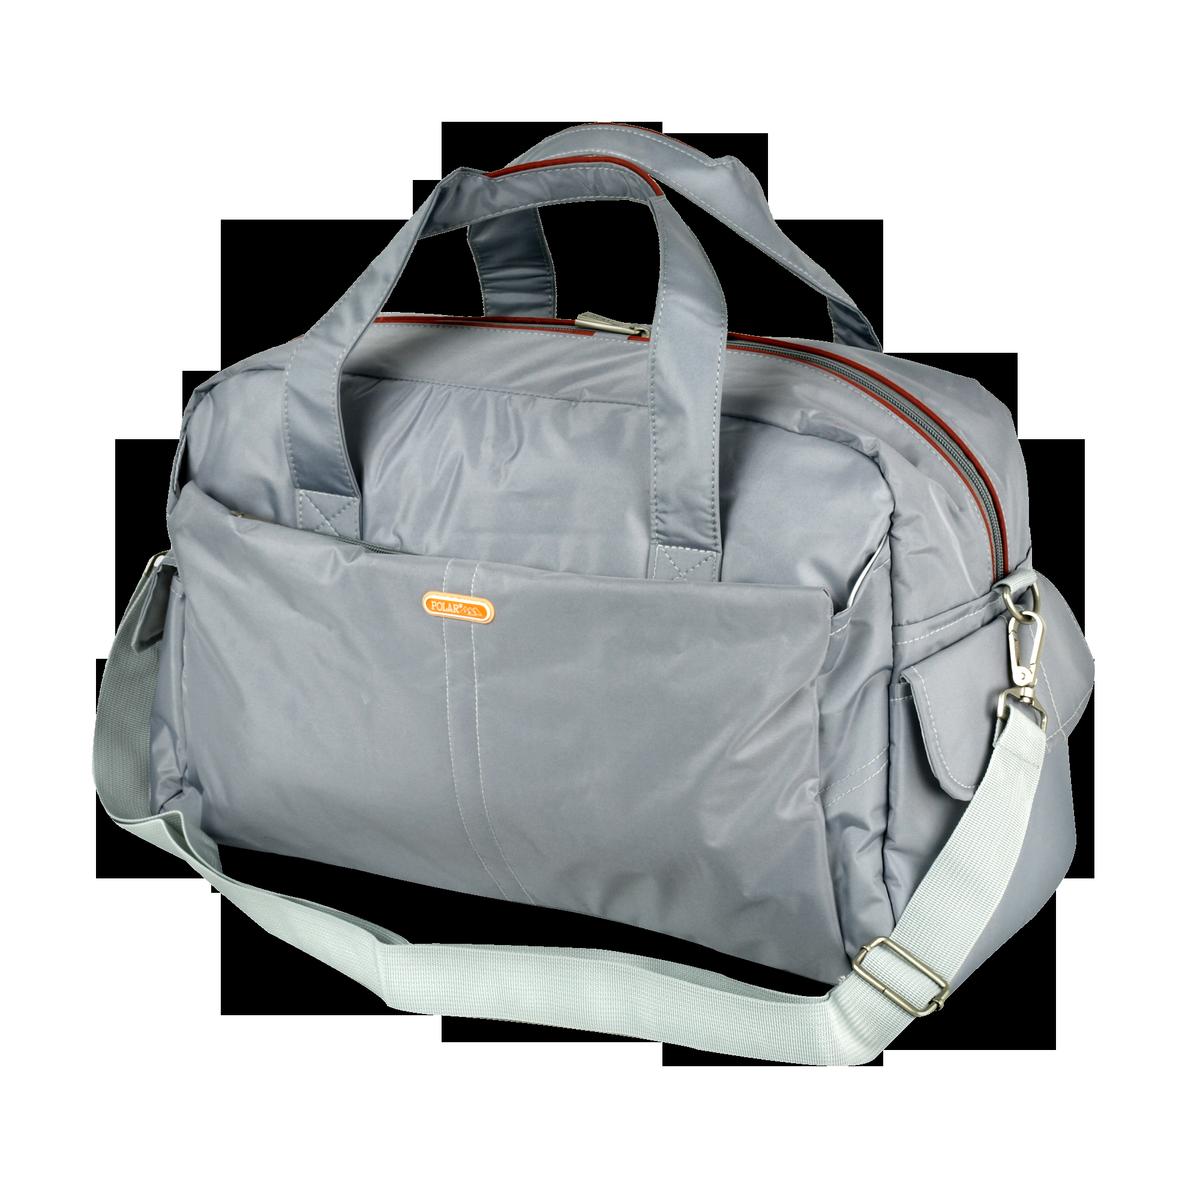 Сумка спортивная Polar, цвет: светло-серый, 20,5 л. 1119373298с-1Спортивная сумка Polar выполнена из нейлона. Основное отделение на застежке-молнии. Внутри расположены два открытых кармана для телефона и ключей, а также мелких принадлежностей. У сумки имеются боковые карманы, два кармана на молнии спереди и сзади сумки. Изделие оснащено двумя удобными текстильными ручками и съемным текстильным плечевым ремнем.